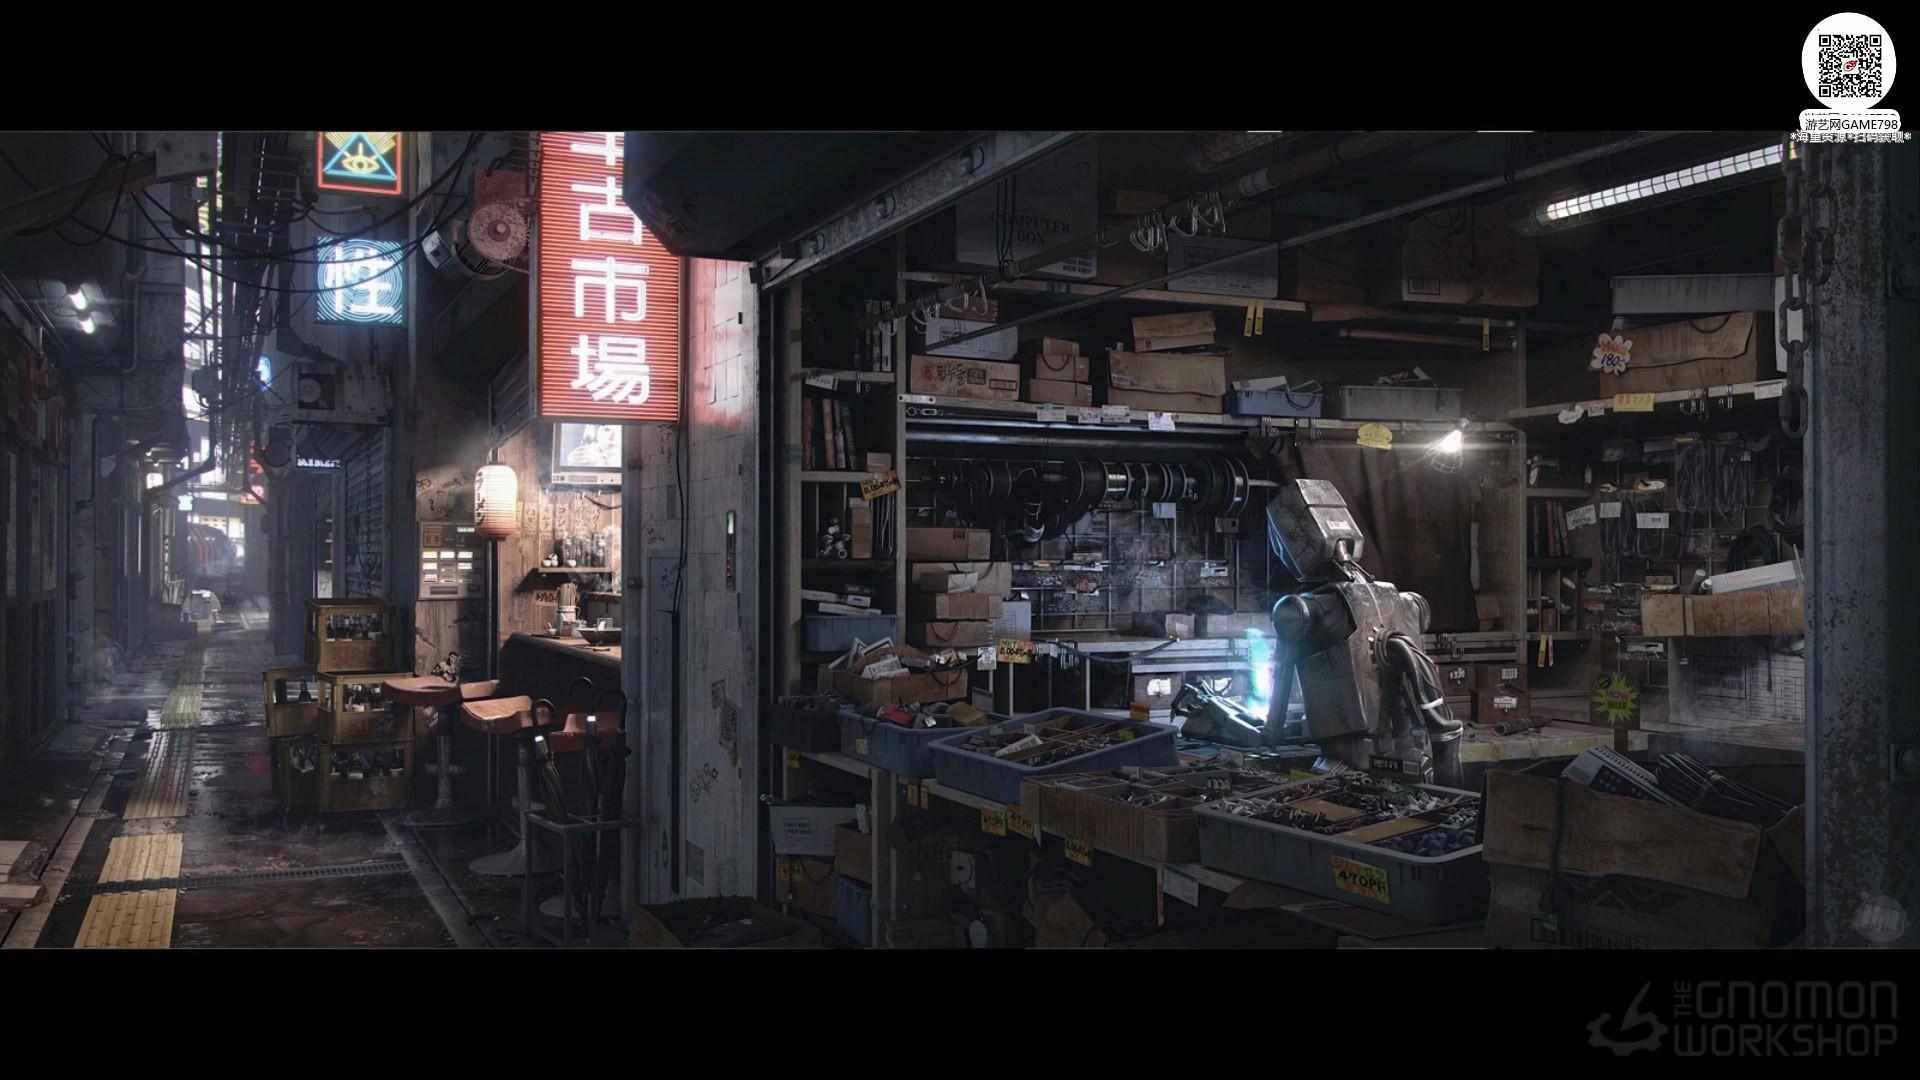 015_关注-游艺网GAME798海量资源下载【视频教程】MAYA制作科幻场景.jpg